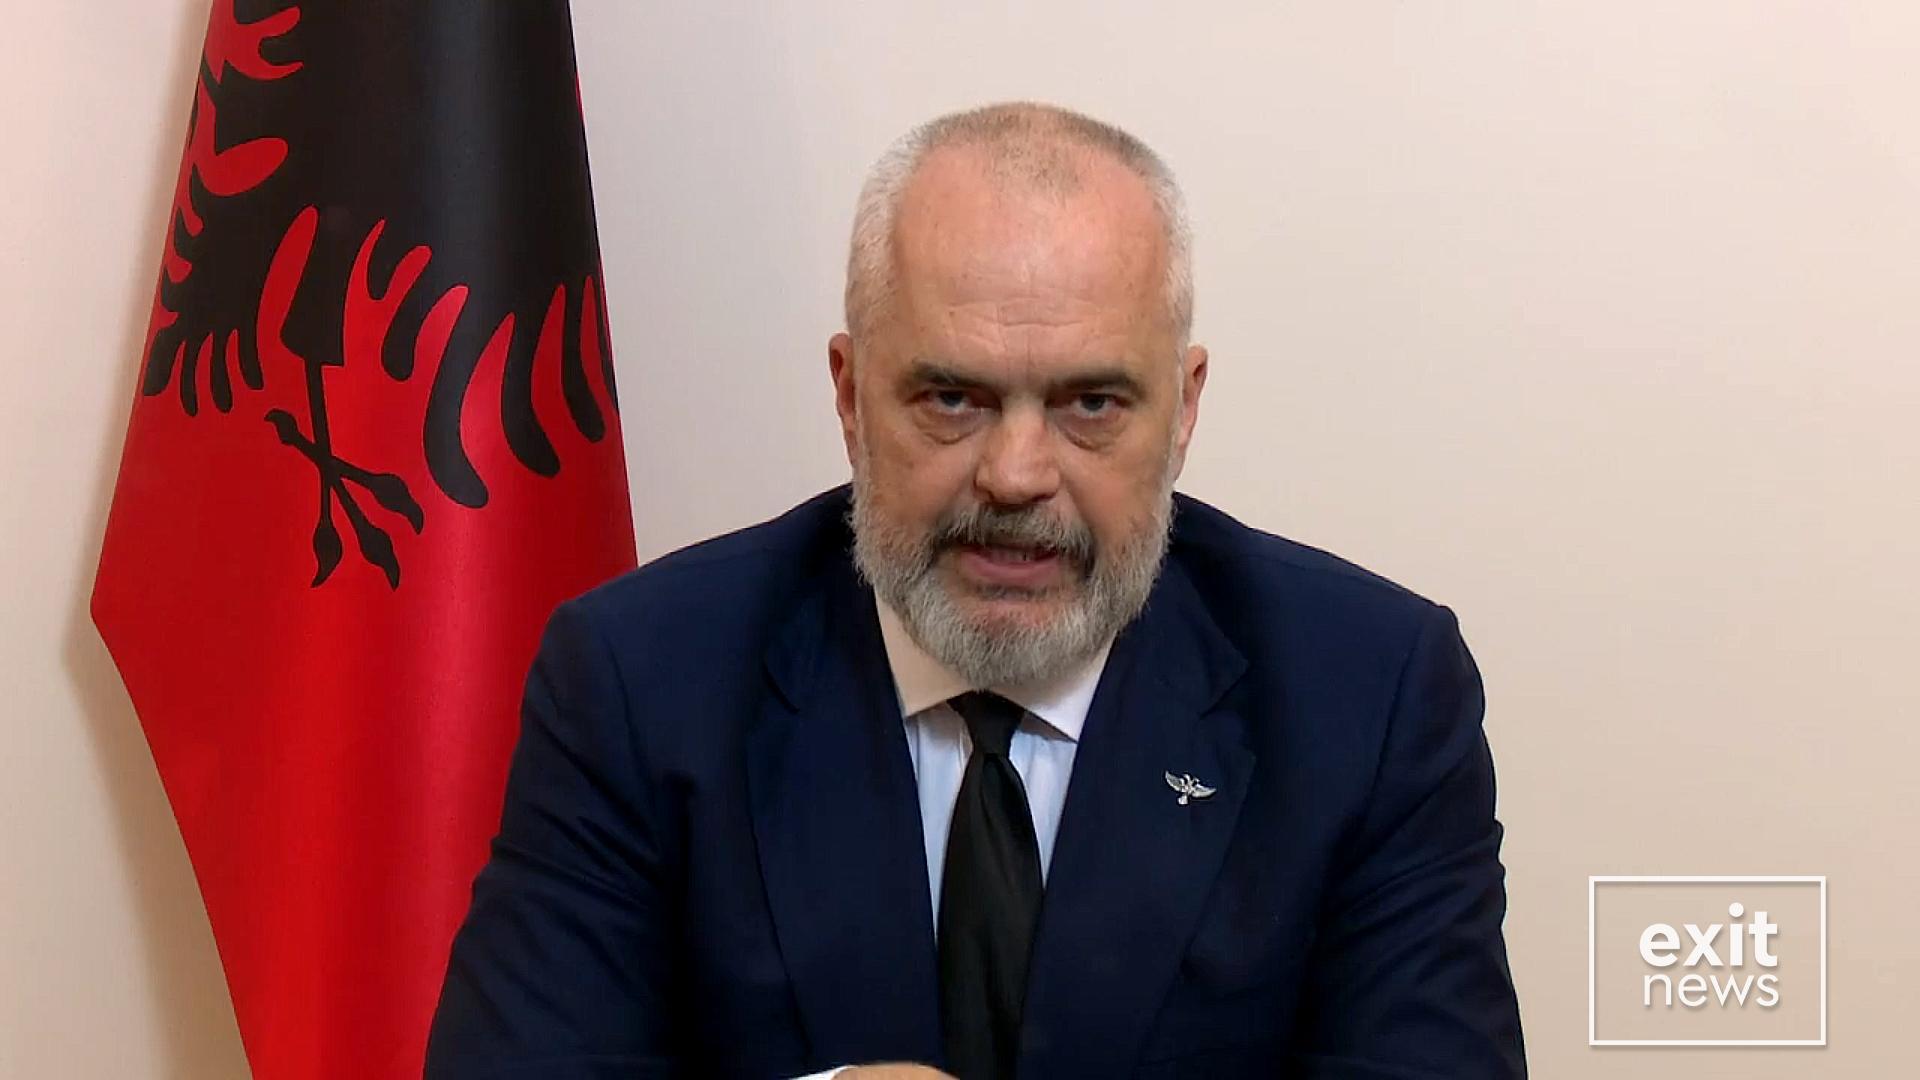 Qeveria, çarter për të sjellë qytetarët shqiptarë në atdhe